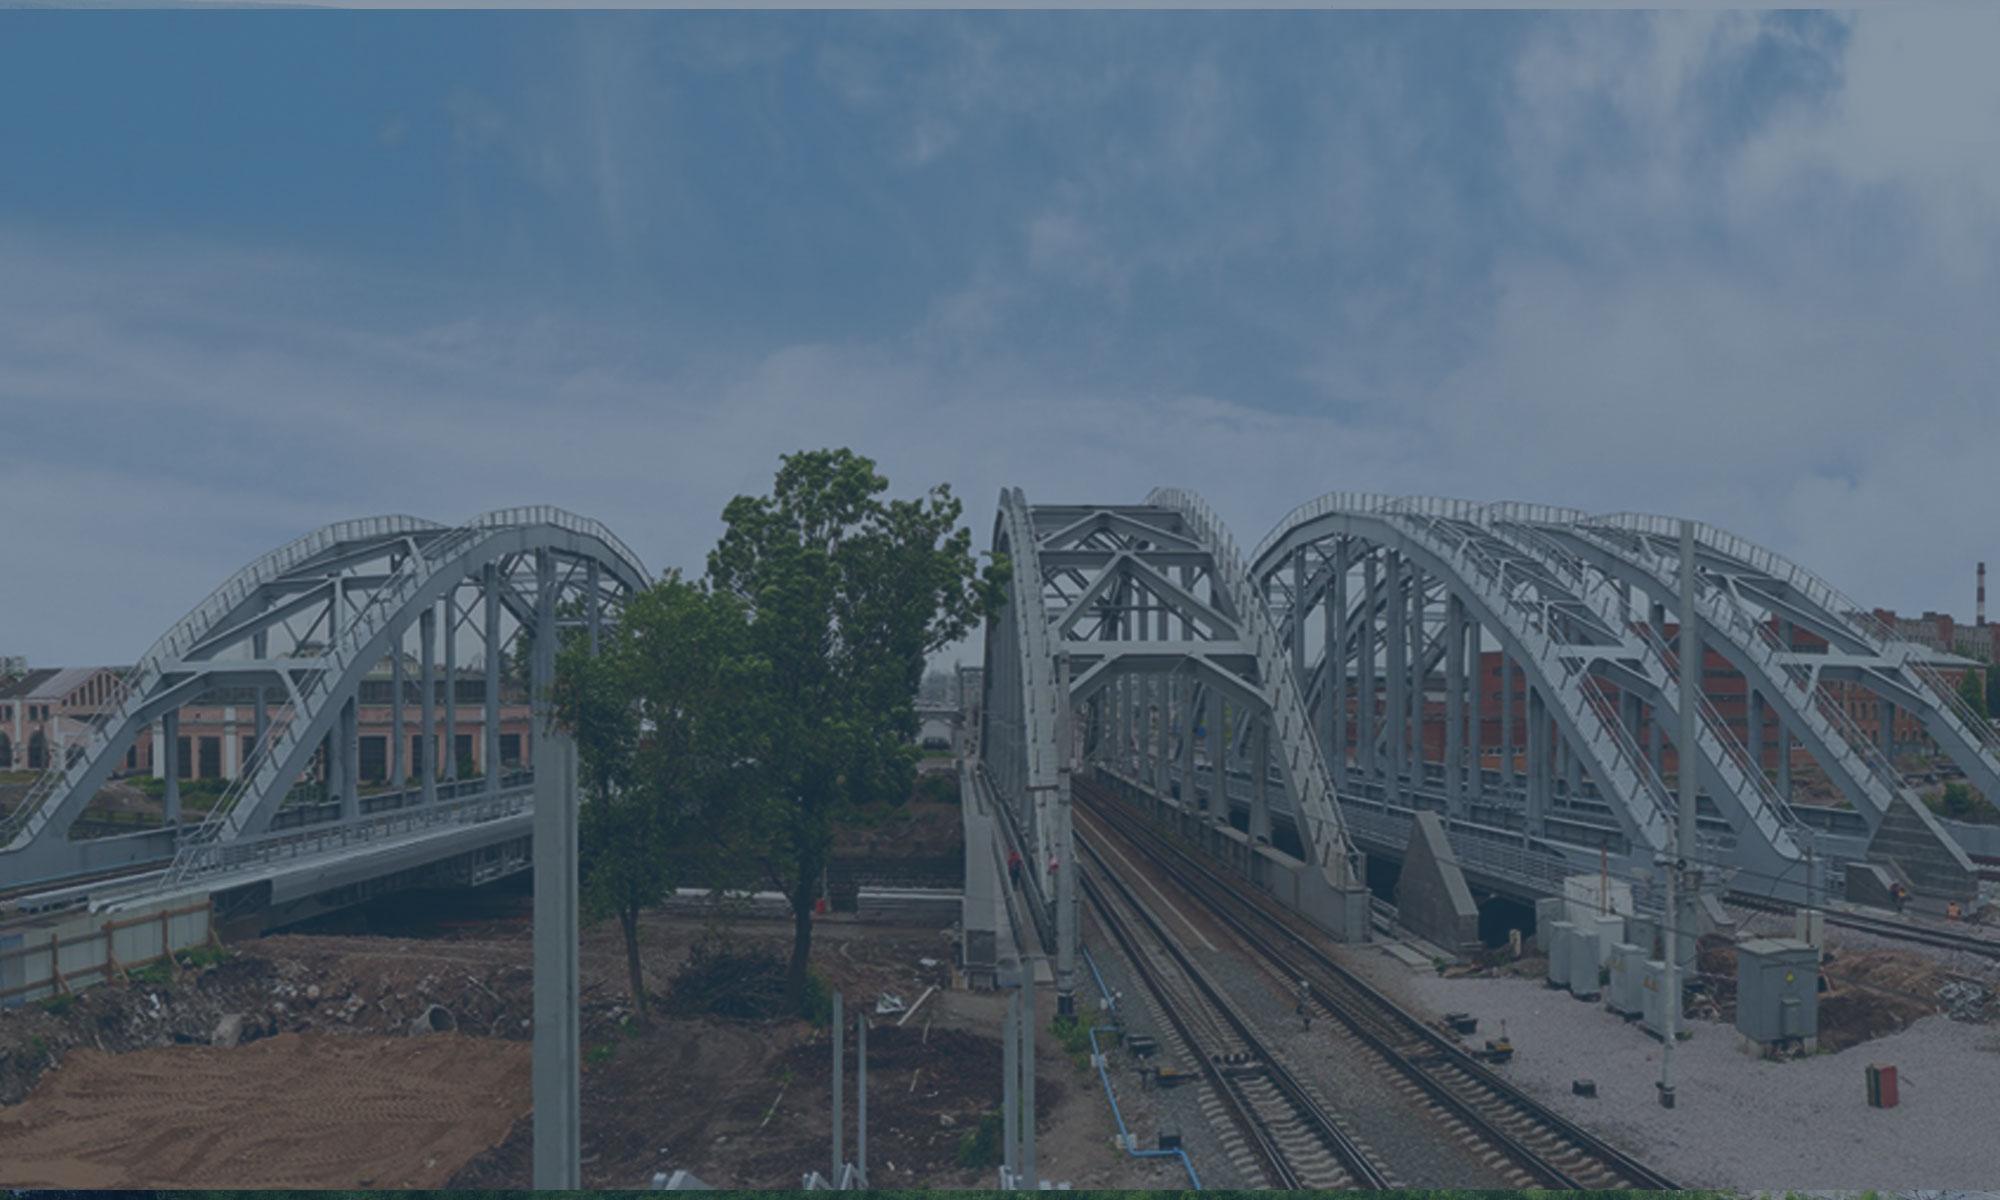 Реконструкция искусственных дорожных сооружений «набережной Обводного канала»